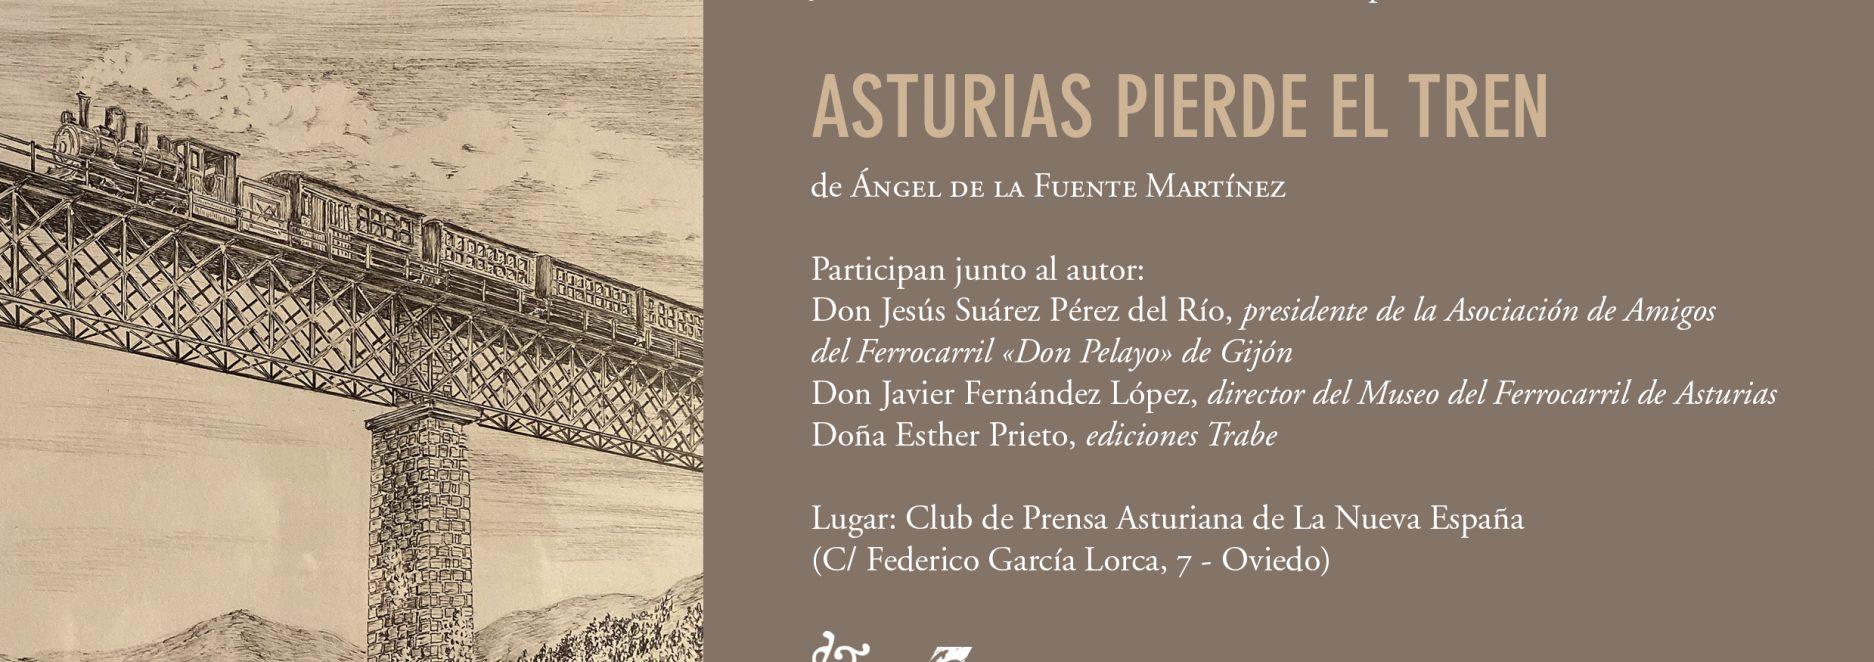 Invitacion-Asturias-pierde-el-tren-Oviedo copia